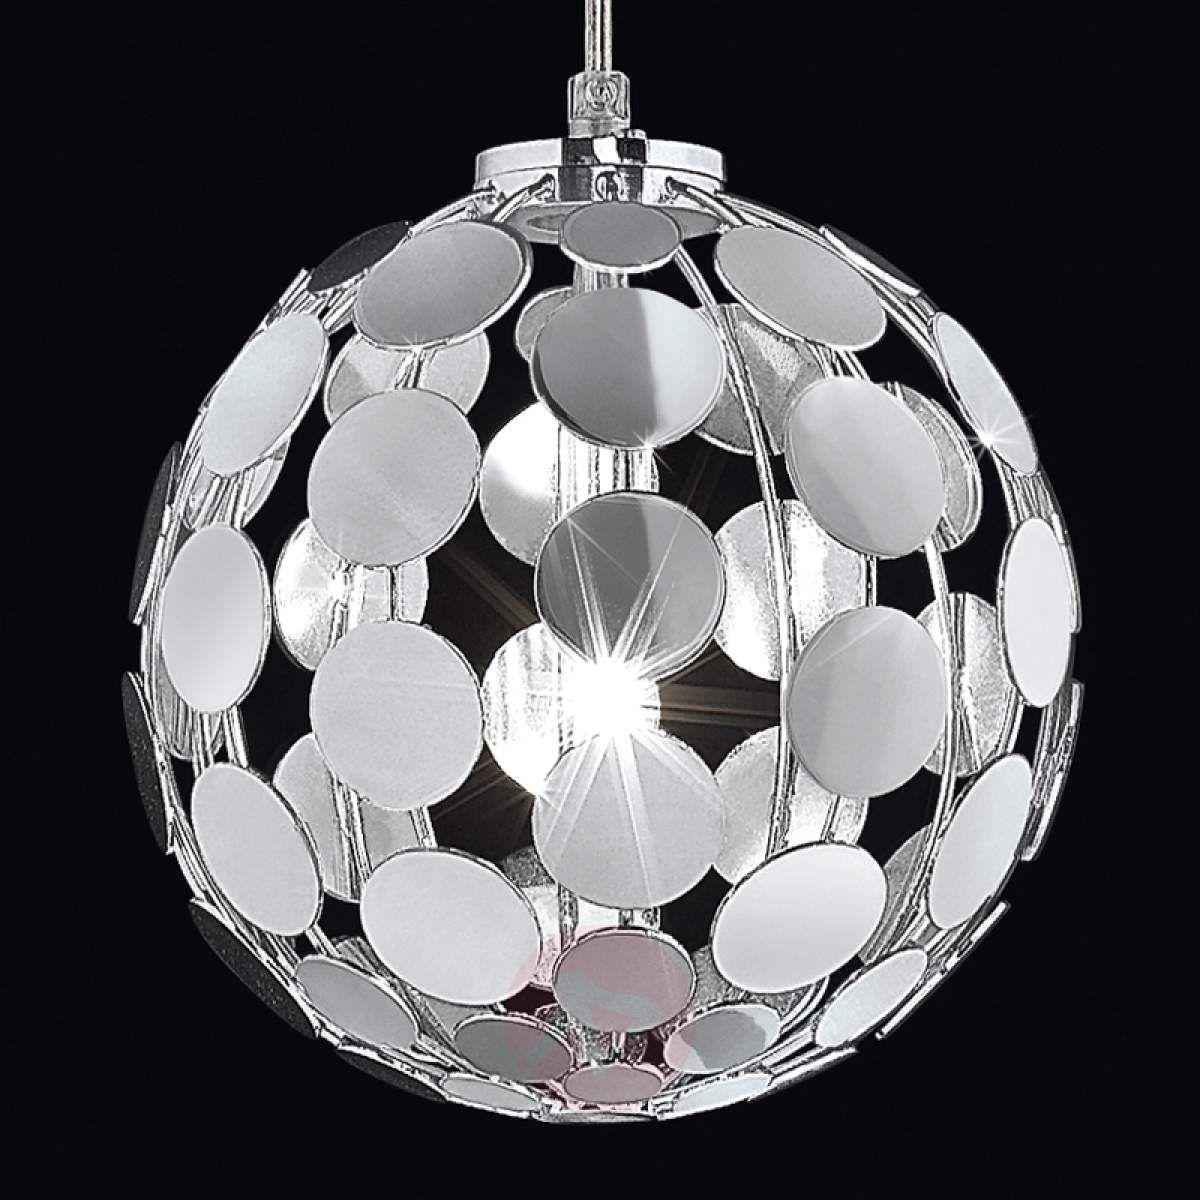 Chromowana lampa wisząca SFERA, śr. 20 cm   Lampy wiszące